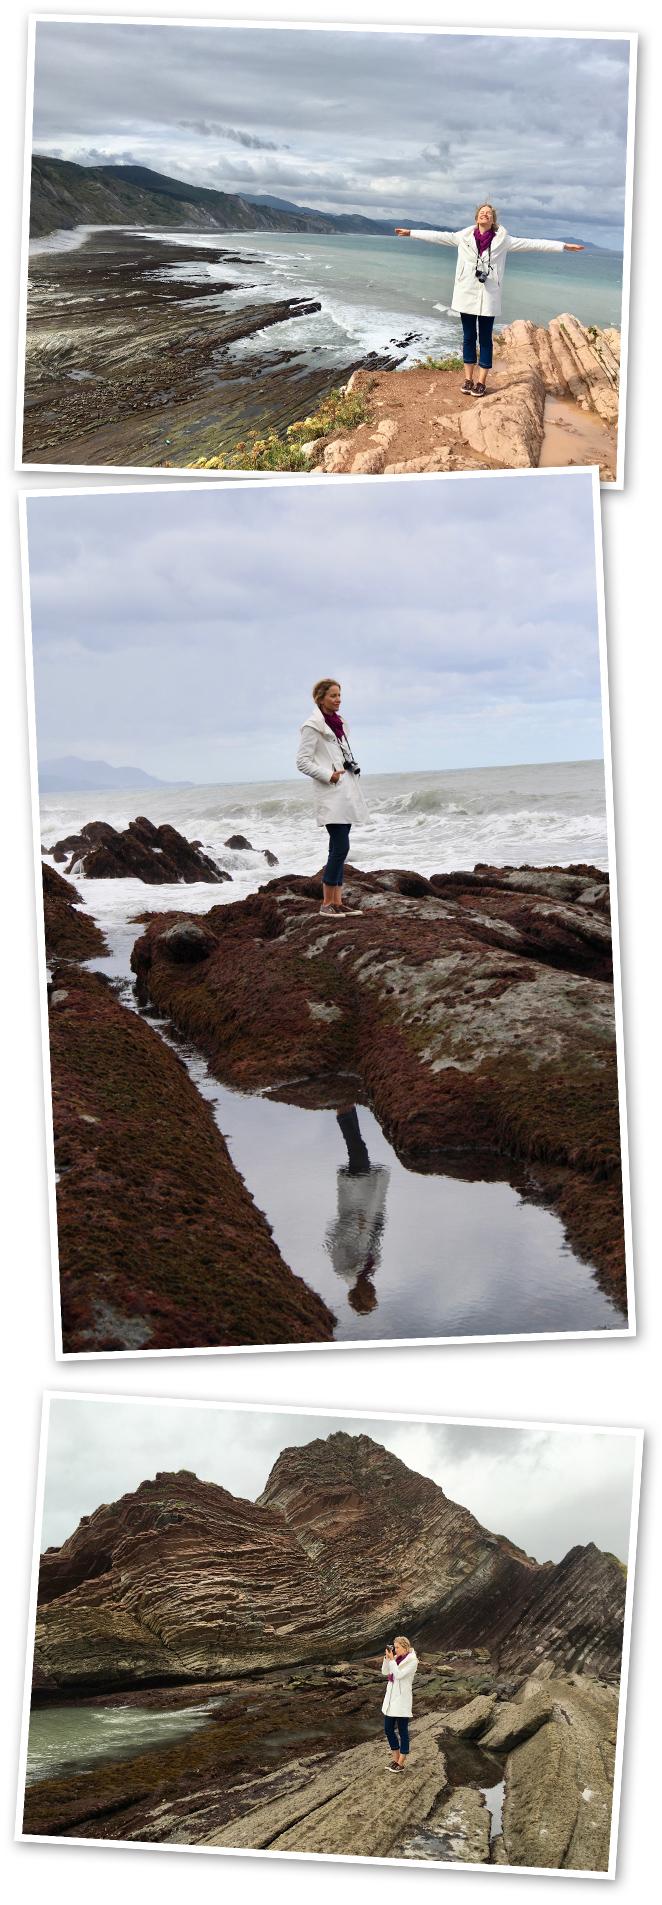 """Lo más importante para visitar en esta zona es el Geoparkea para poder admirar los espectaculares Flysh que formaciones rocosas naturales que regalan un paisaje de espectaculares acantilados que son referencia geológica internacional, ya que muestranmás de 60 millones de años de la historia de la Tierra. Este ha sido uno de los escenarios de Juego de Tronos y de la película """"8 apellidos vascos"""""""